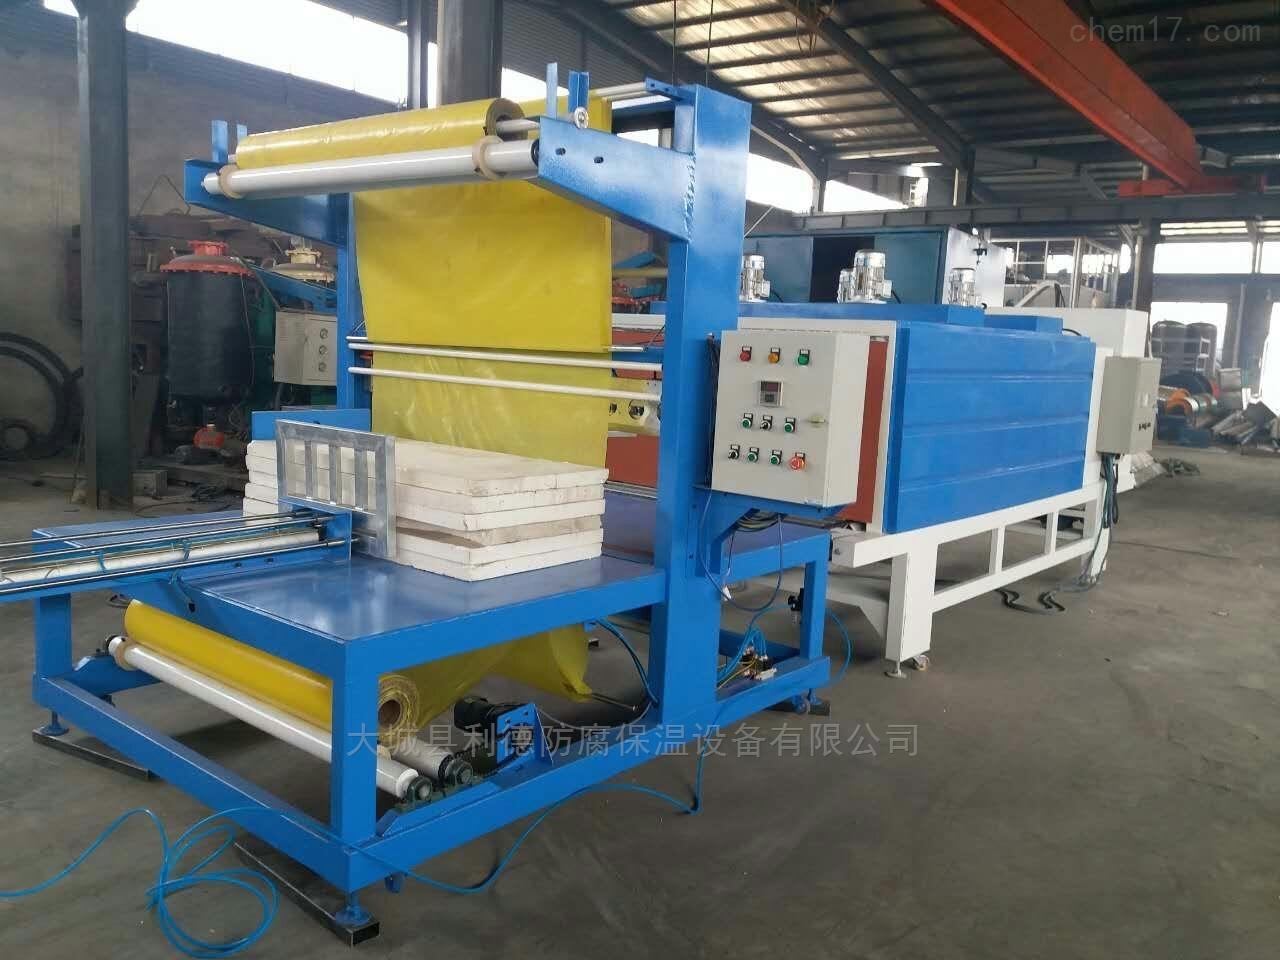 包装机*各种板材设备供应商